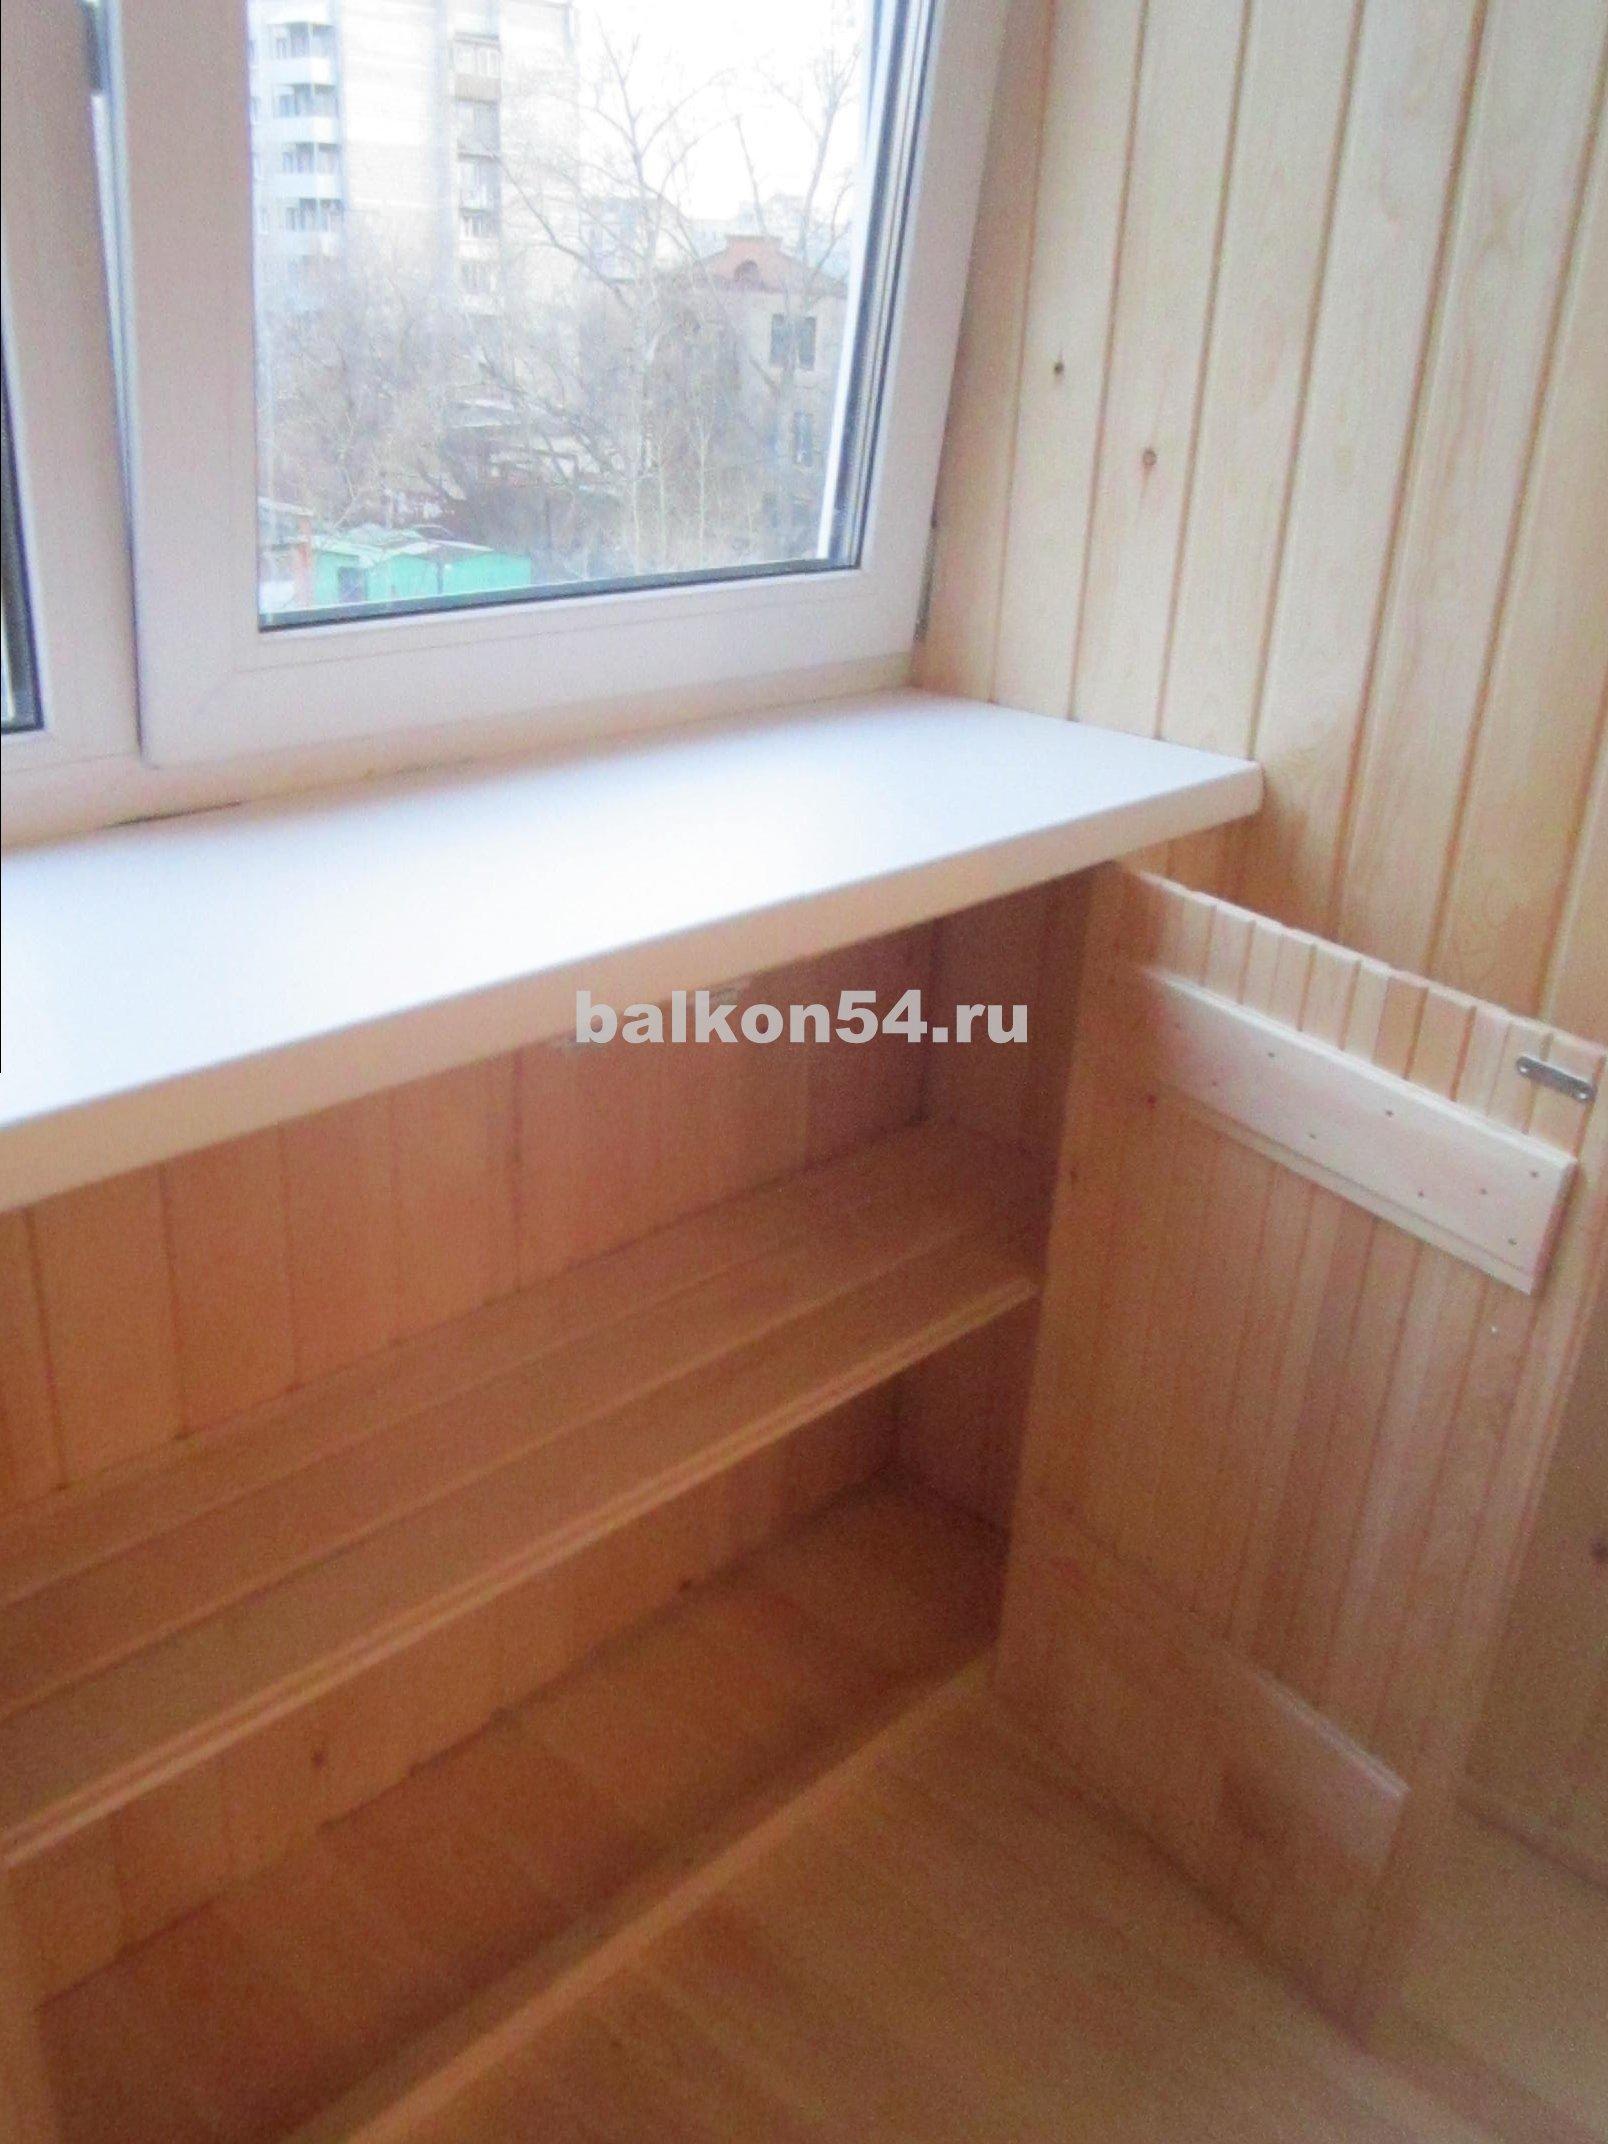 Шкаф для балкона угловой своими руками.